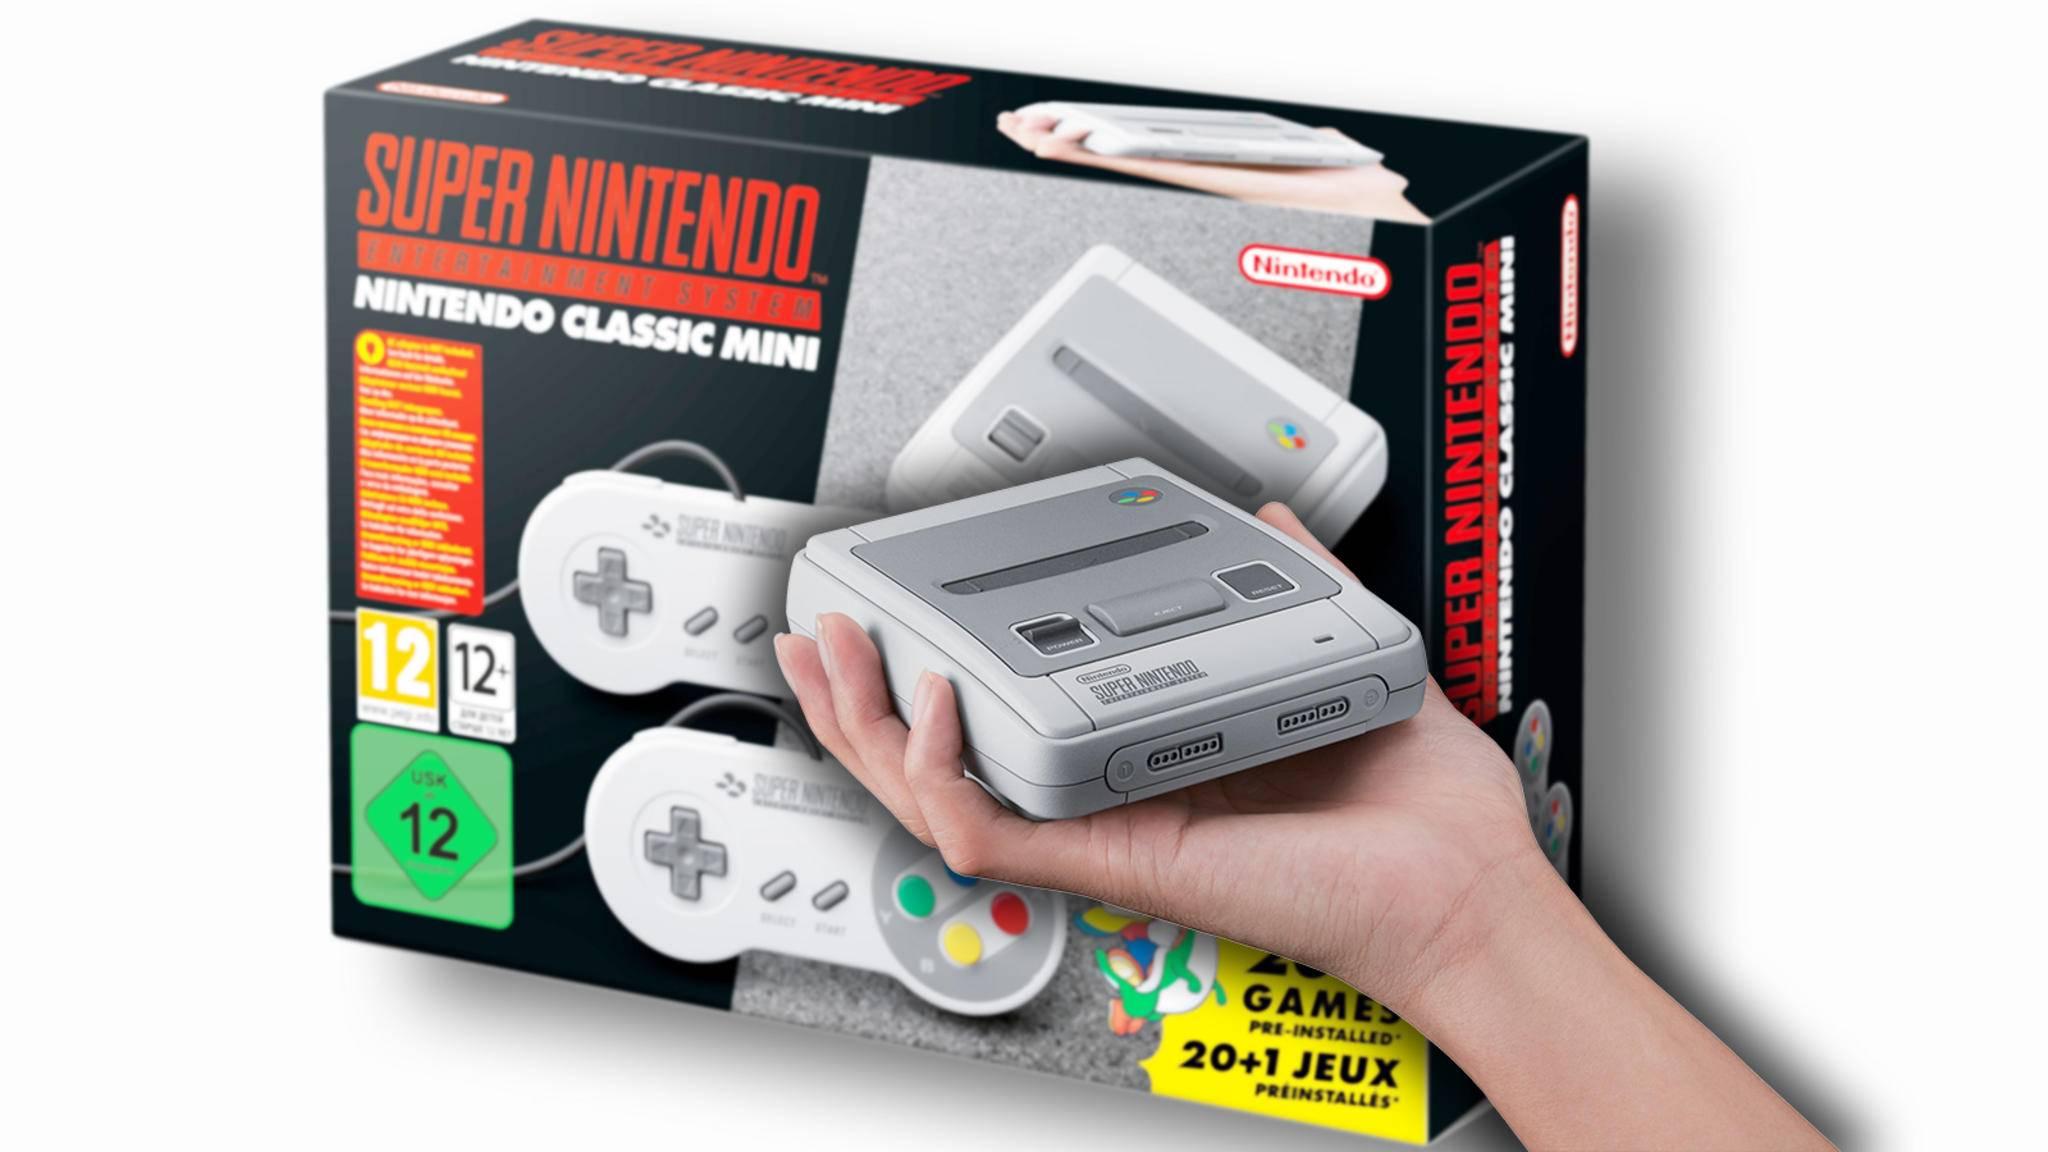 Das SNES Classic Mini kommt im September mit 21 vorinstallierten Spielen.